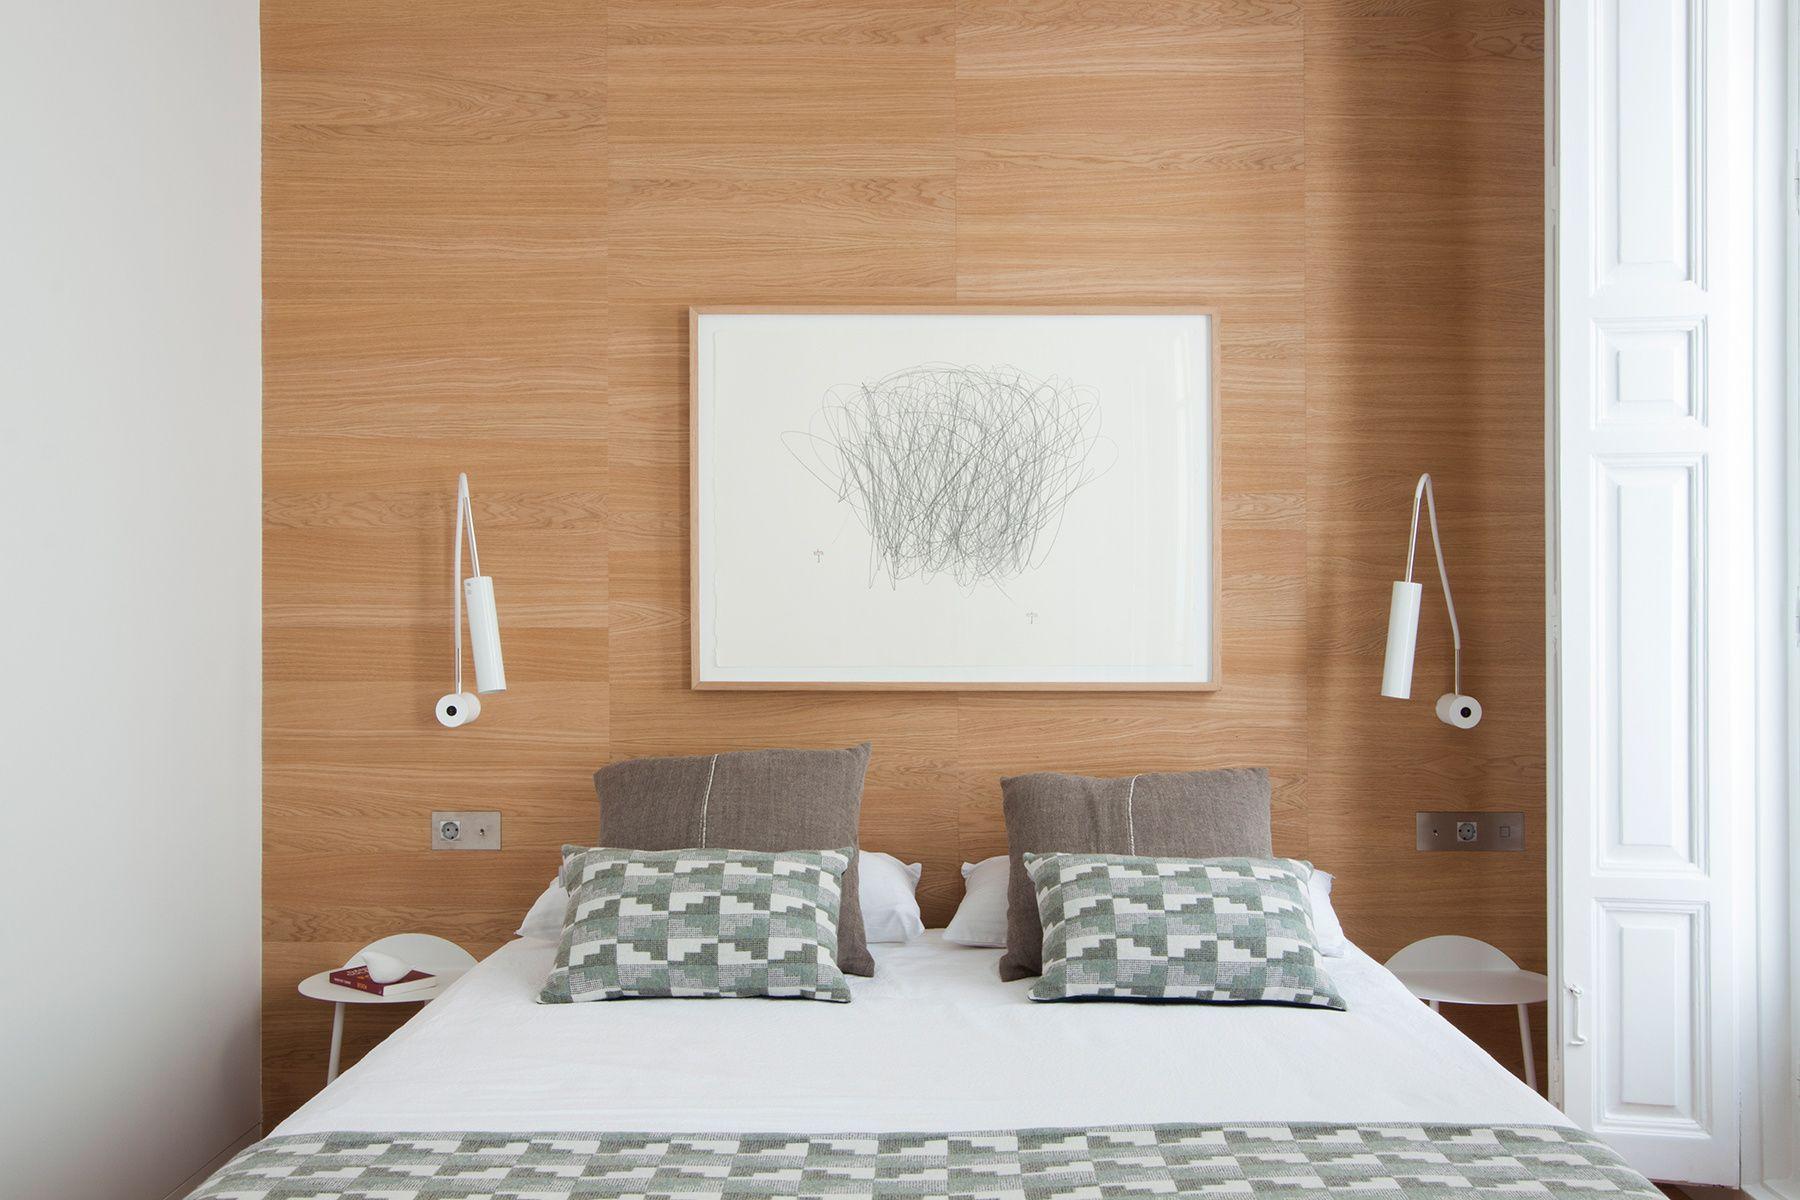 Piso burgués contemporáneo | Sobre la cama, La cama y Camas